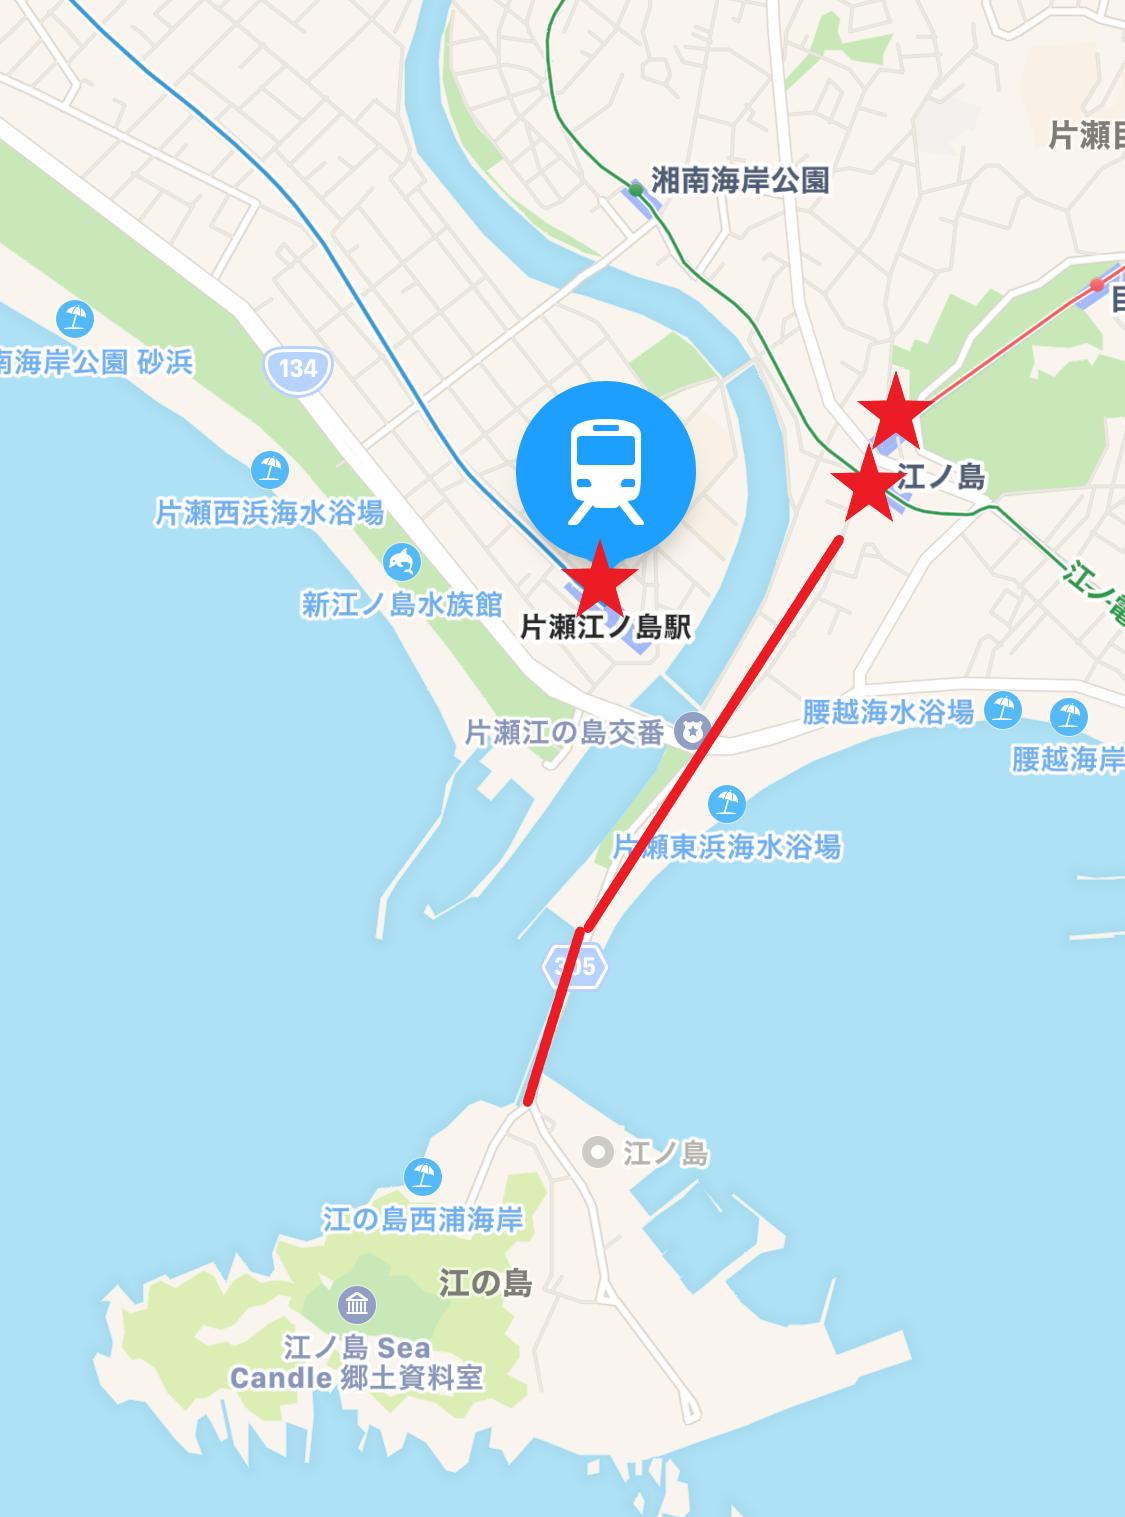 ➀江ノ島の最寄り駅は3駅あるよ